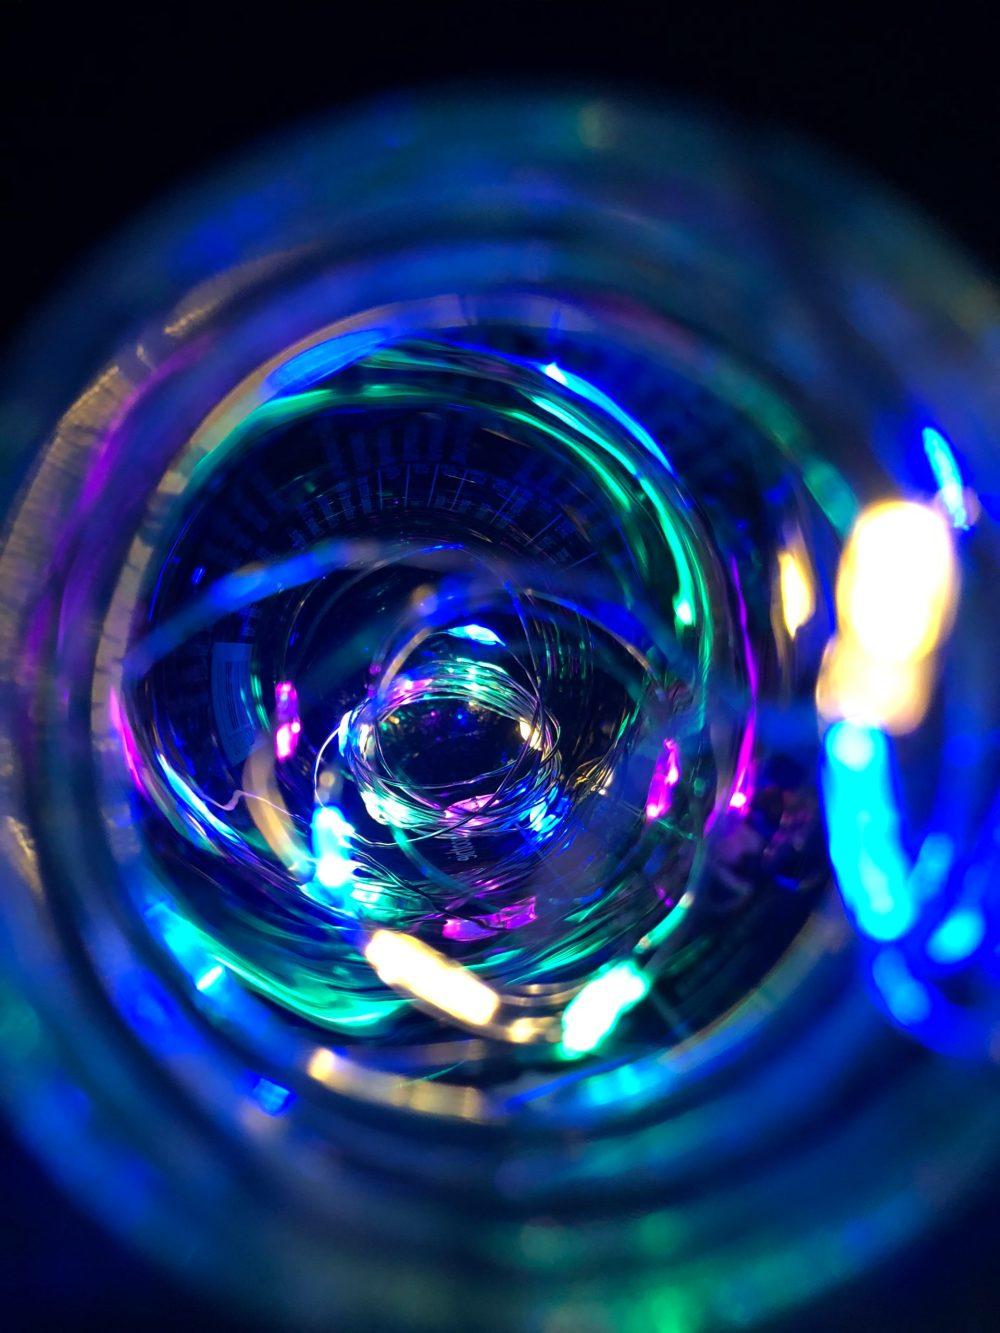 Blick in die beleuchtete Flasche im Dunkeln